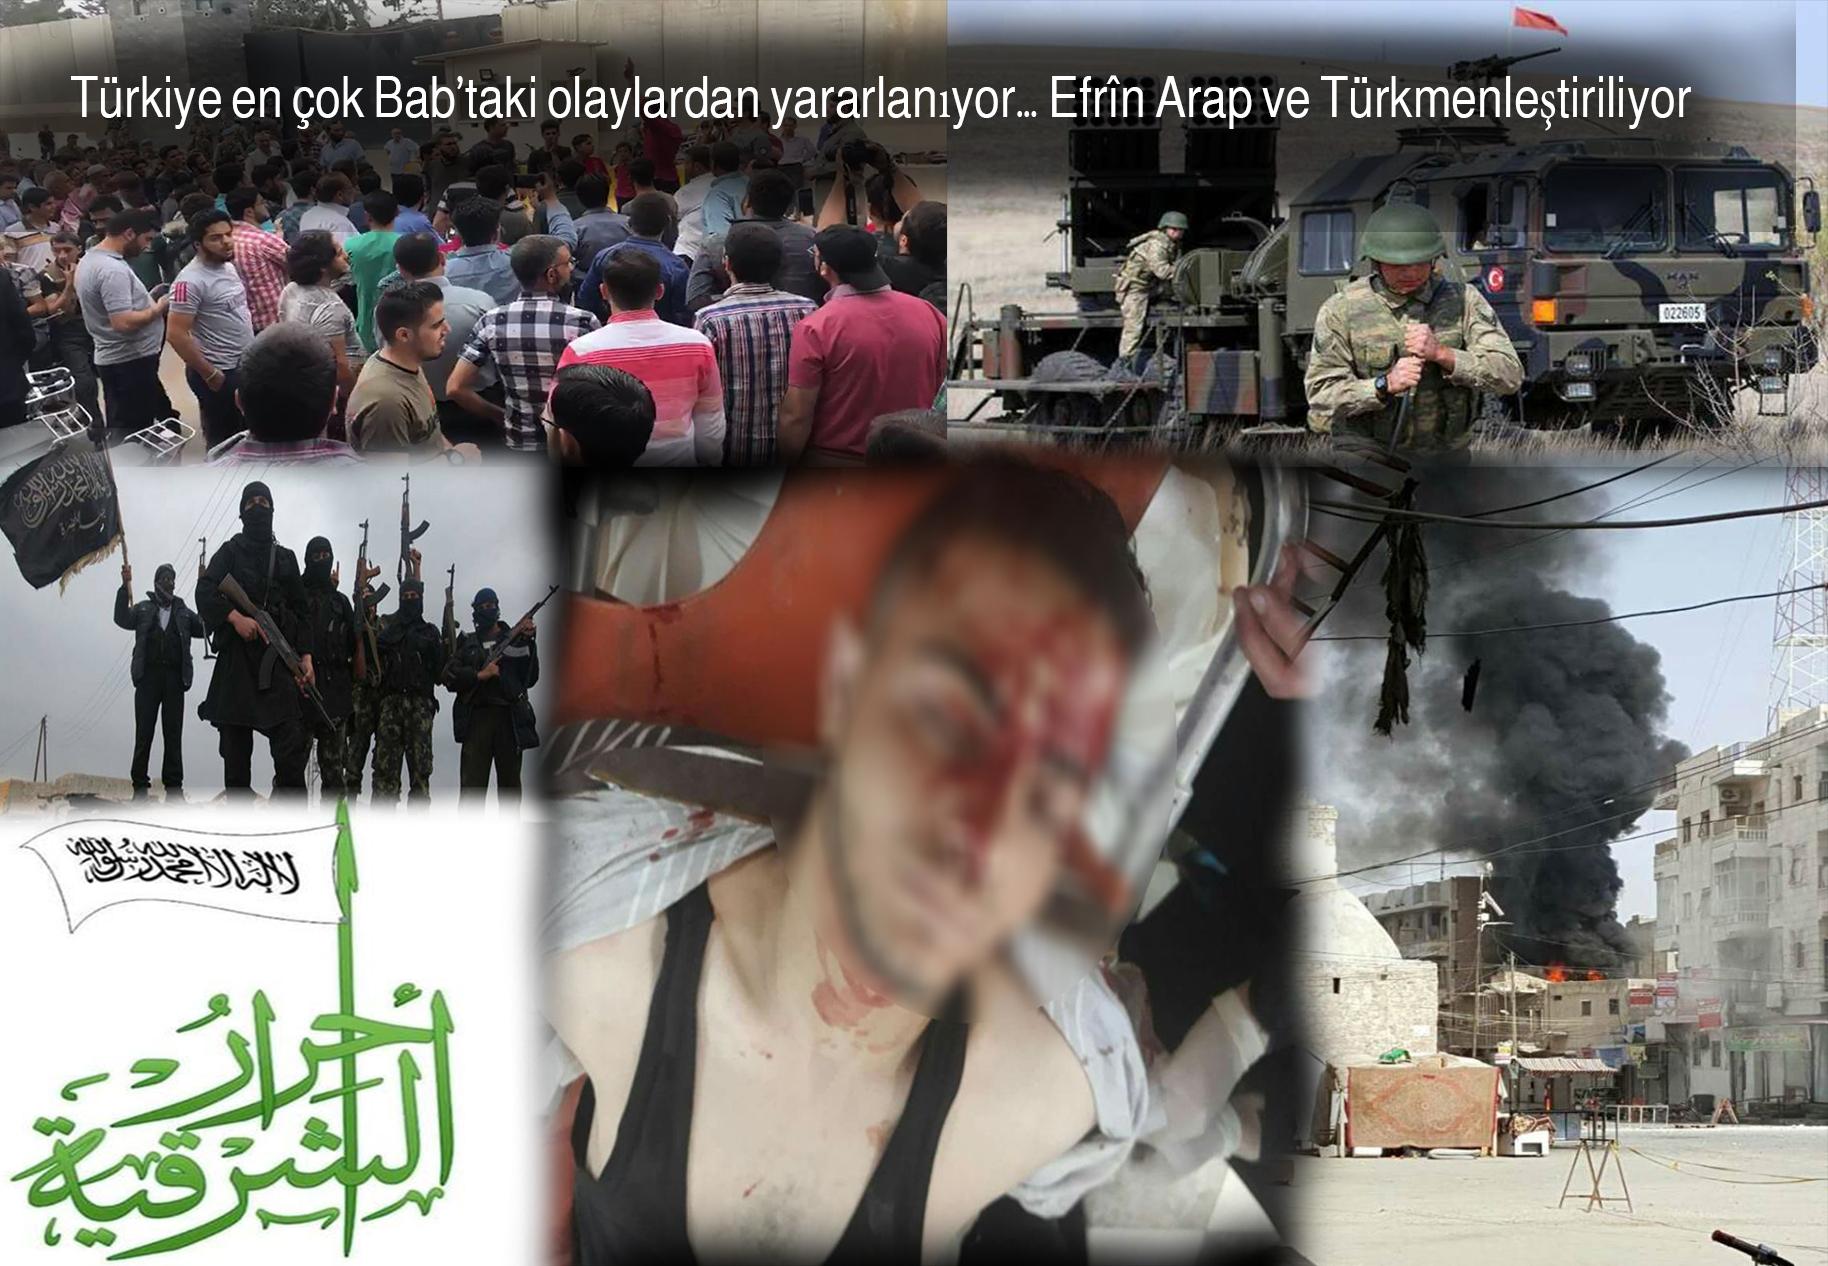 Türkiye çete grupları arasındaki çatışmaları planları doğrultusunda yönetiyor -2